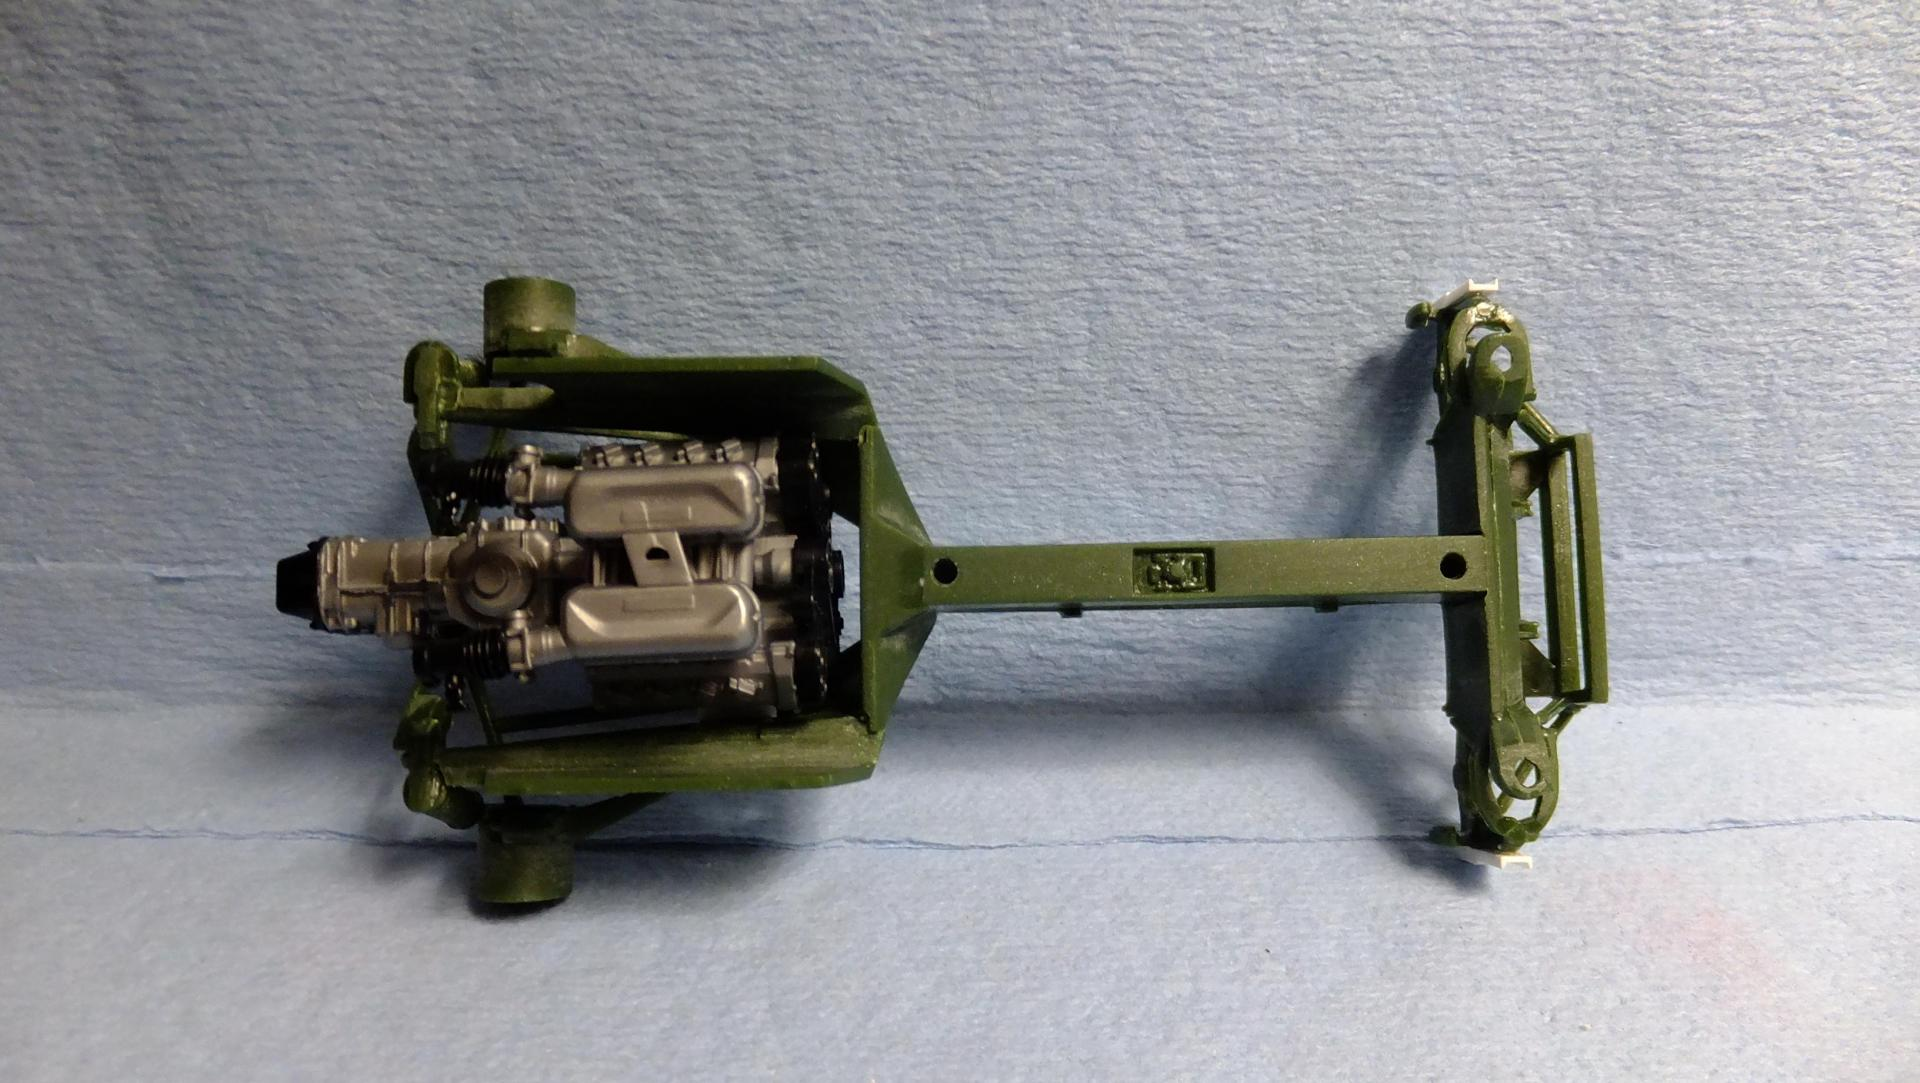 DSCF8950.JPG